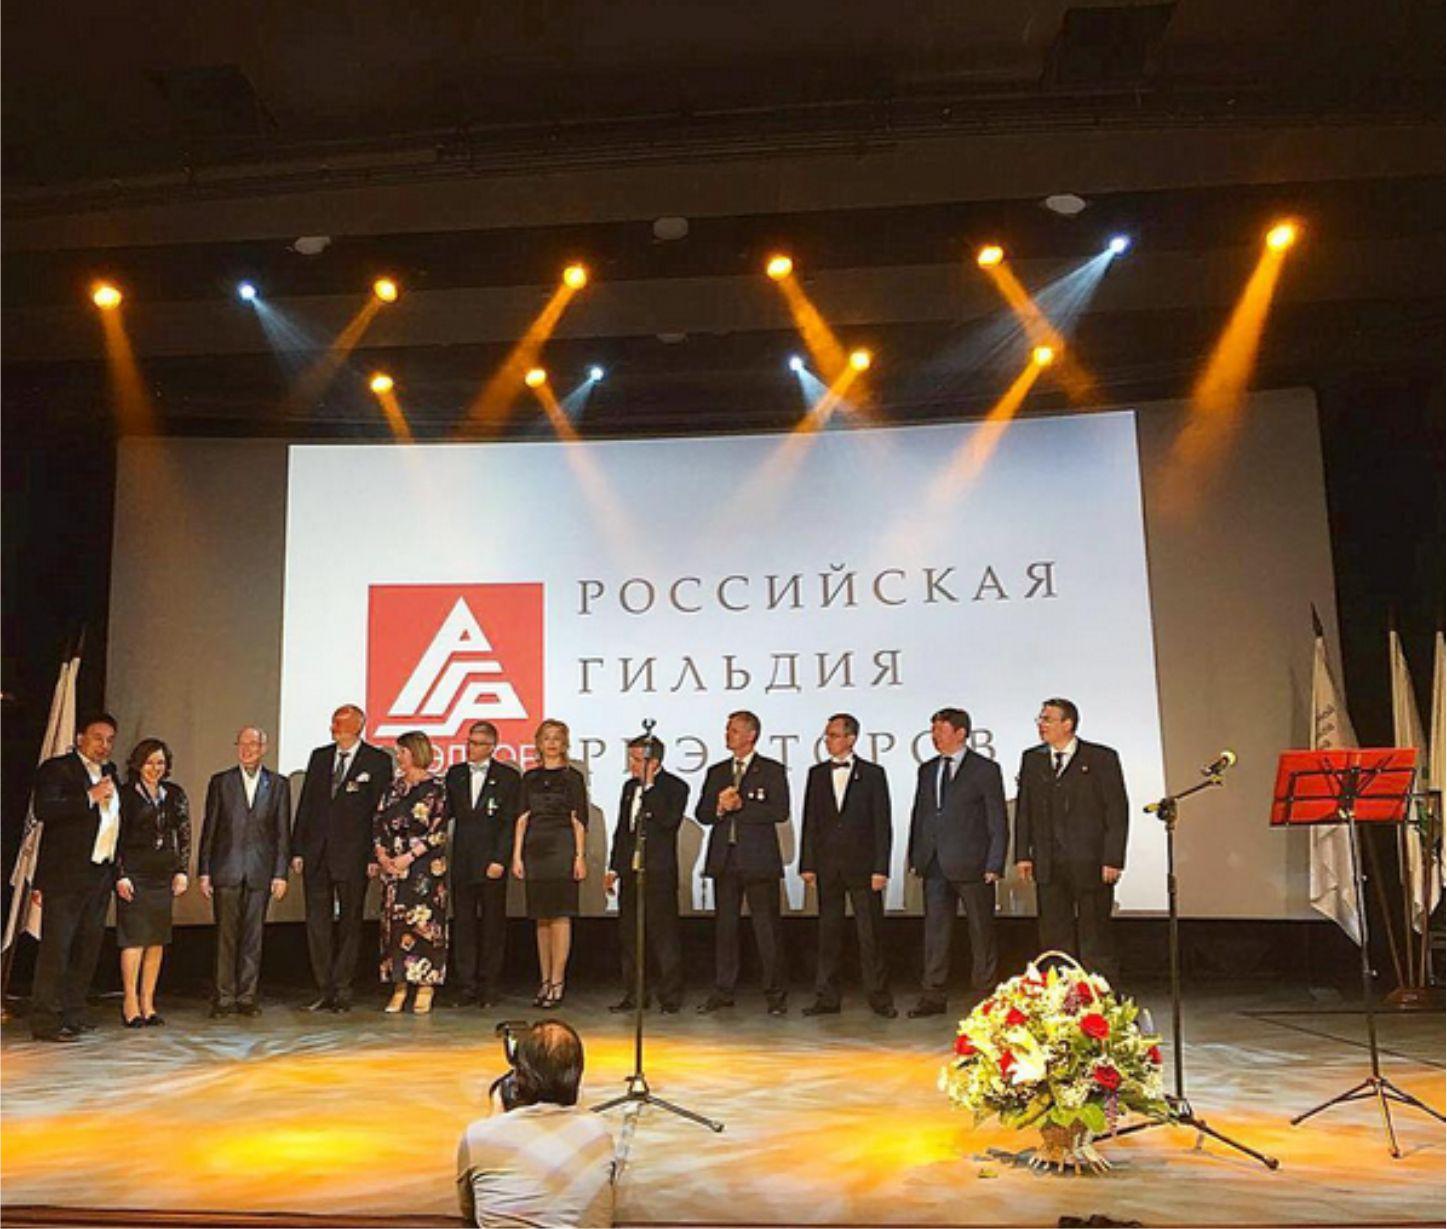 Конгресс гильдии Риэлторов в Челябинске 2018